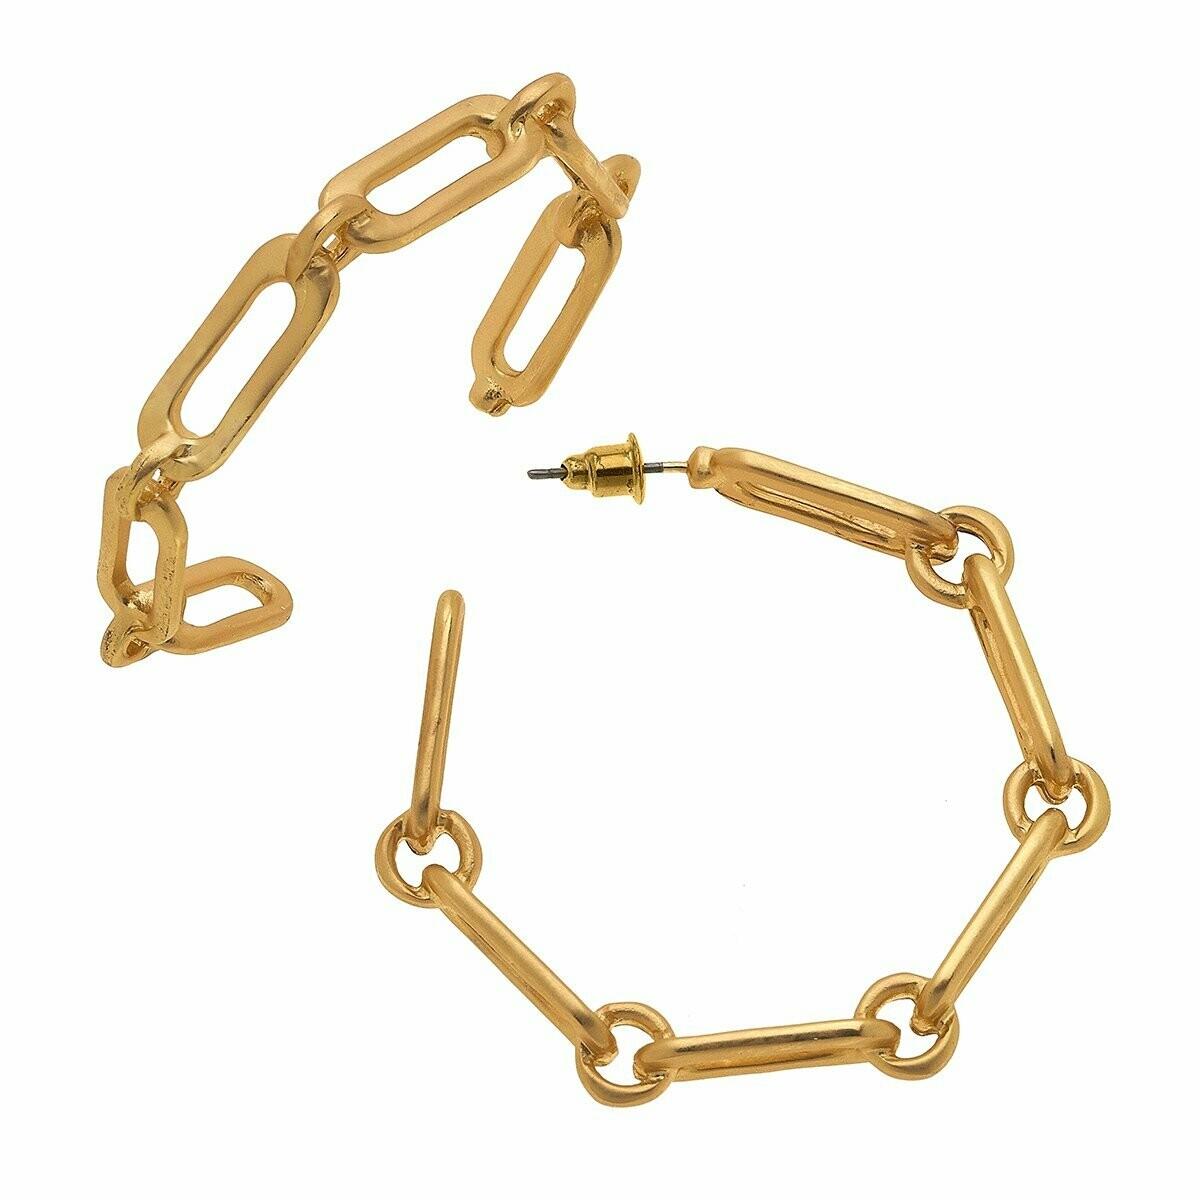 Nora Frozen Chain Link Hoop Earrings in Matte Gold